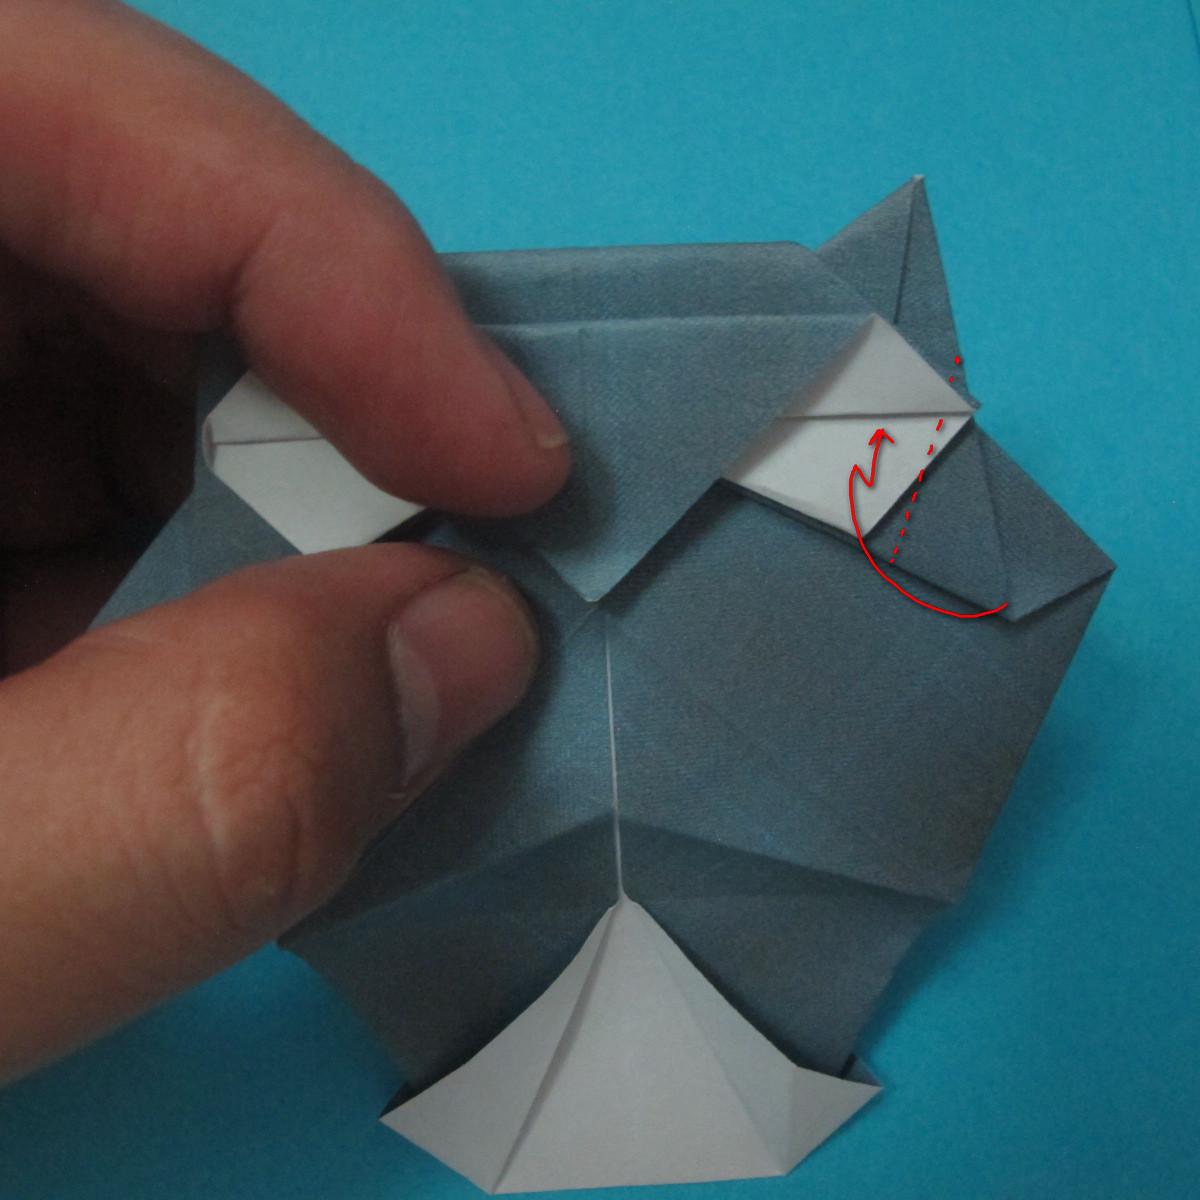 วิธีการพับกระดาษเป็นรูปนกเค้าแมว 025